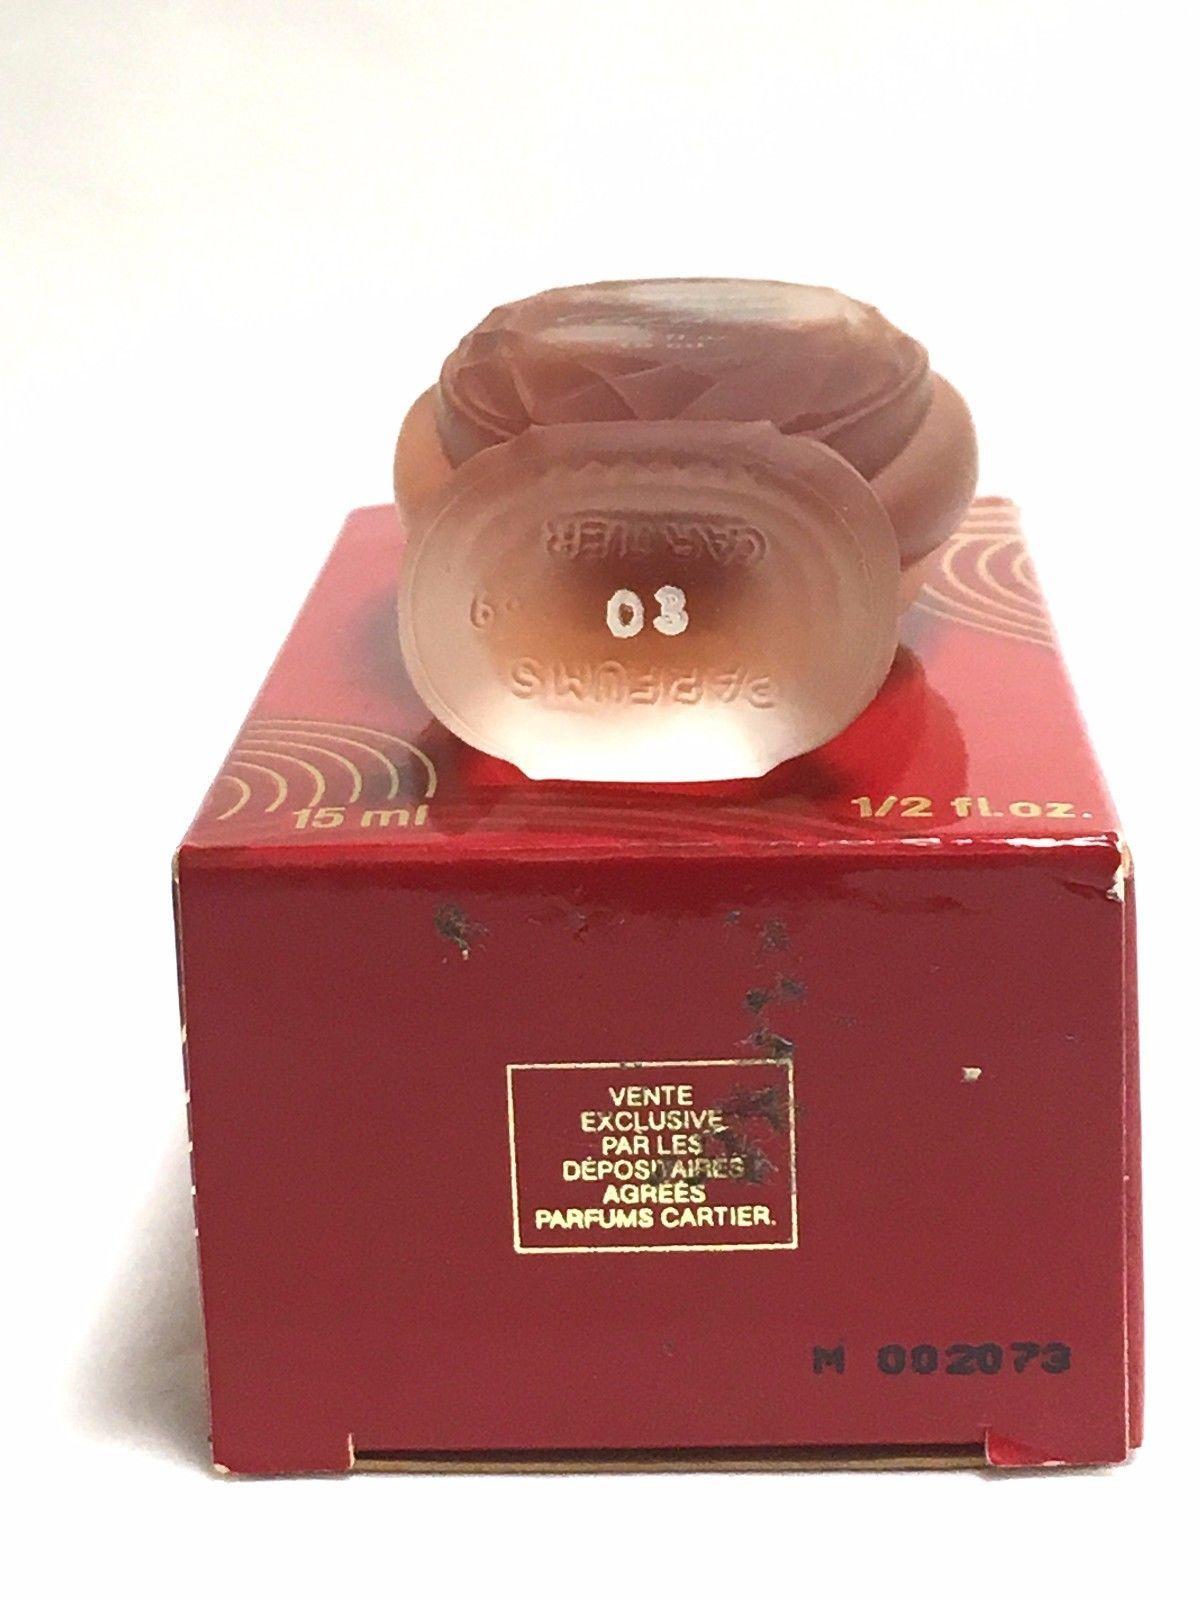 Panthere de Cartier Parfum Ligne Voyage 15ml/0.5oz Splash image 3